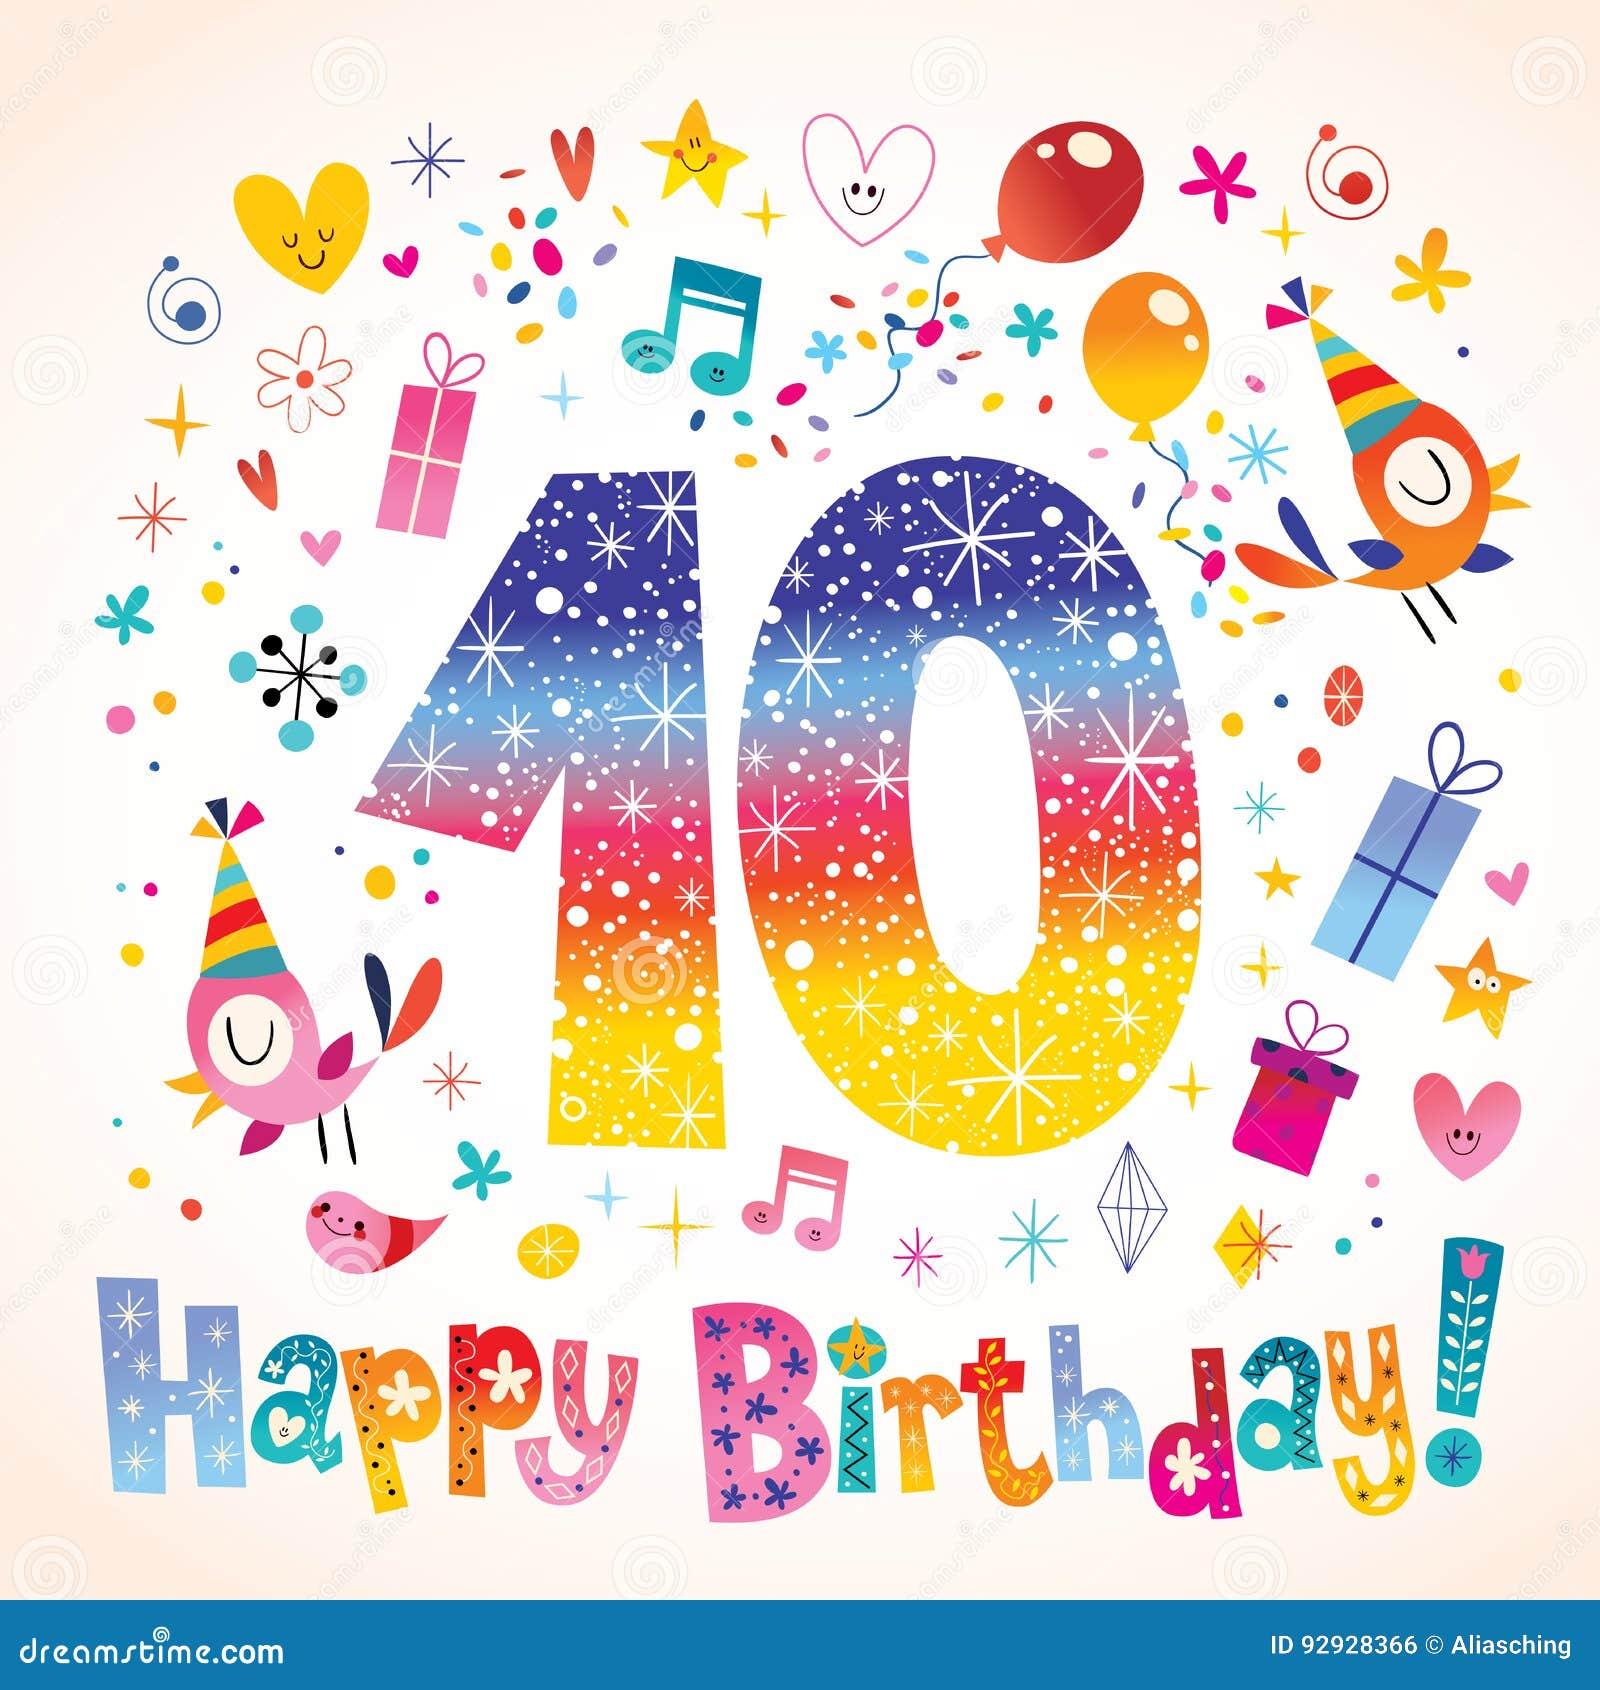 Buon compleanno 10 anni illustrazione vettoriale. Illustrazione di